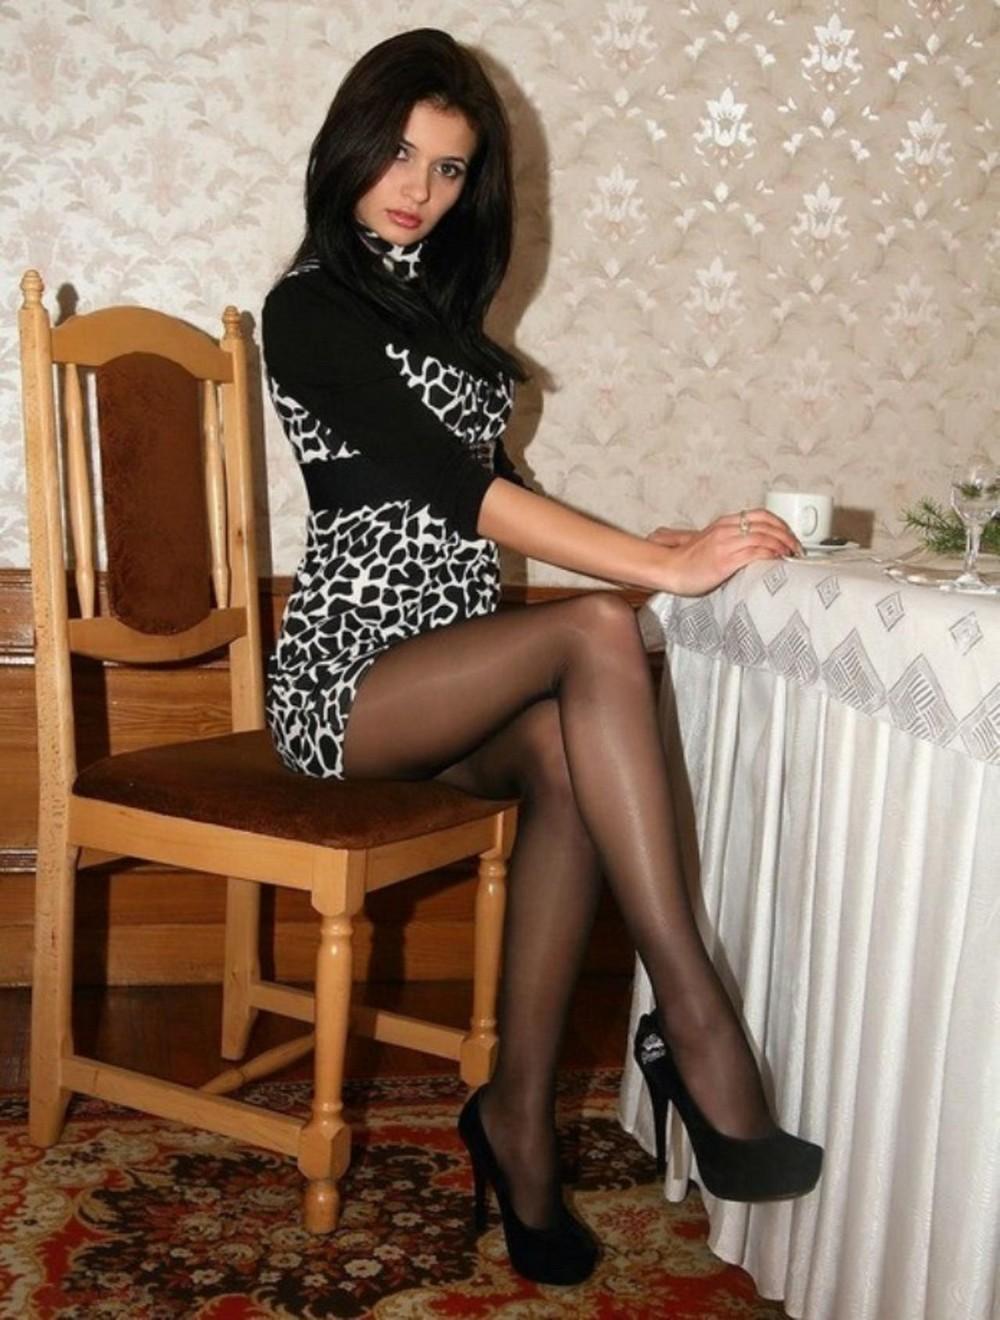 Фото девушки в чёрных колготках